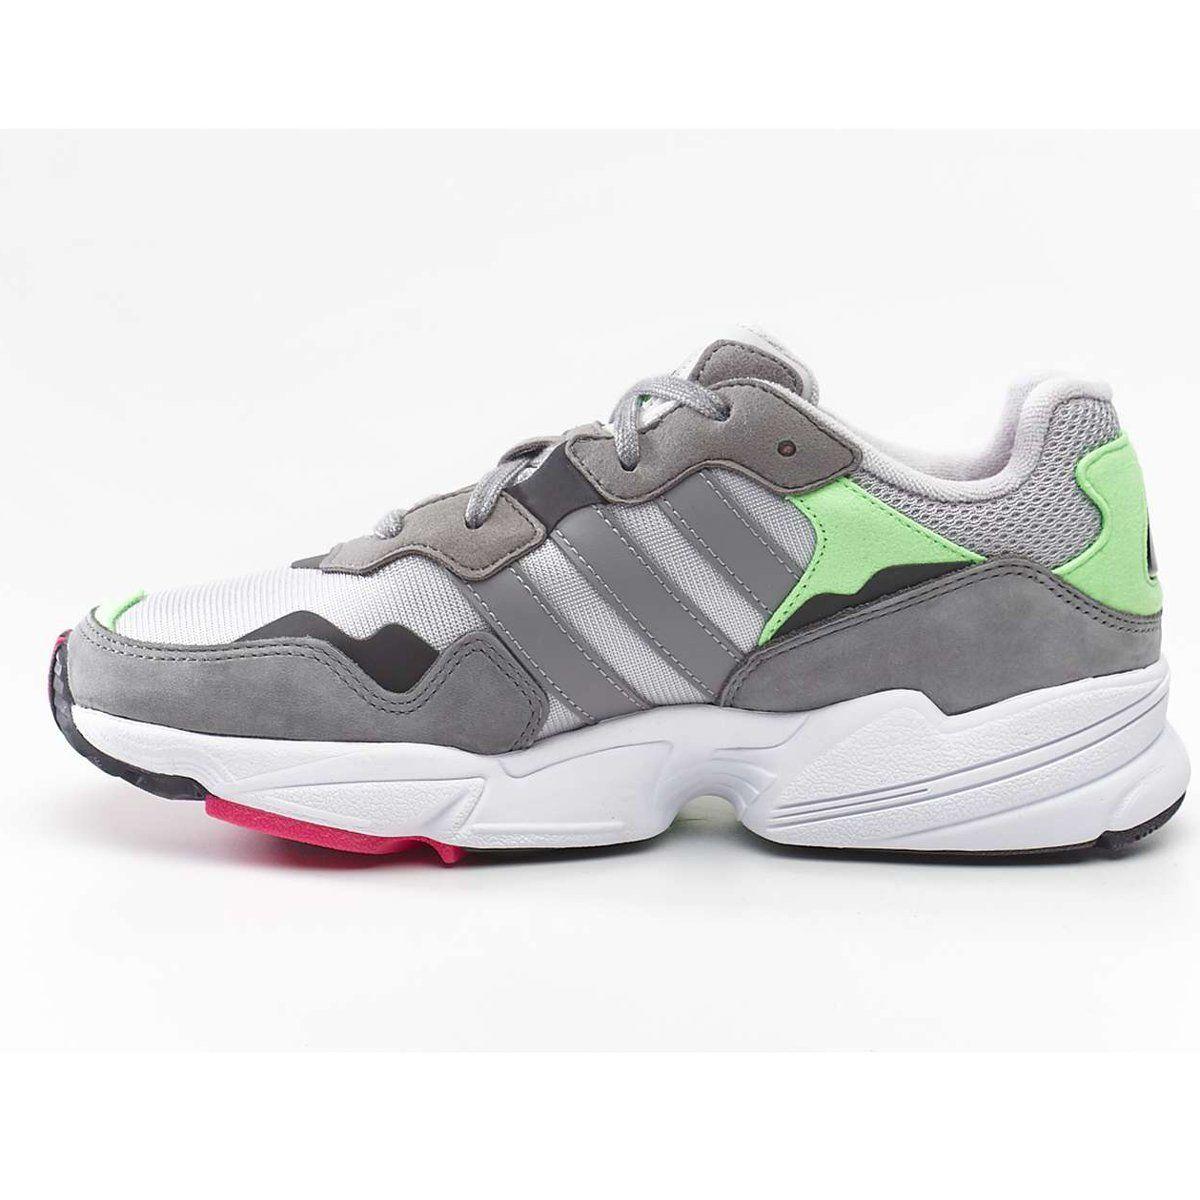 Sportowe Damskie Adidas Adidas Yung 96 Grey Two Grey Three Shock Pink Pink Adidas Adidas Sneakers